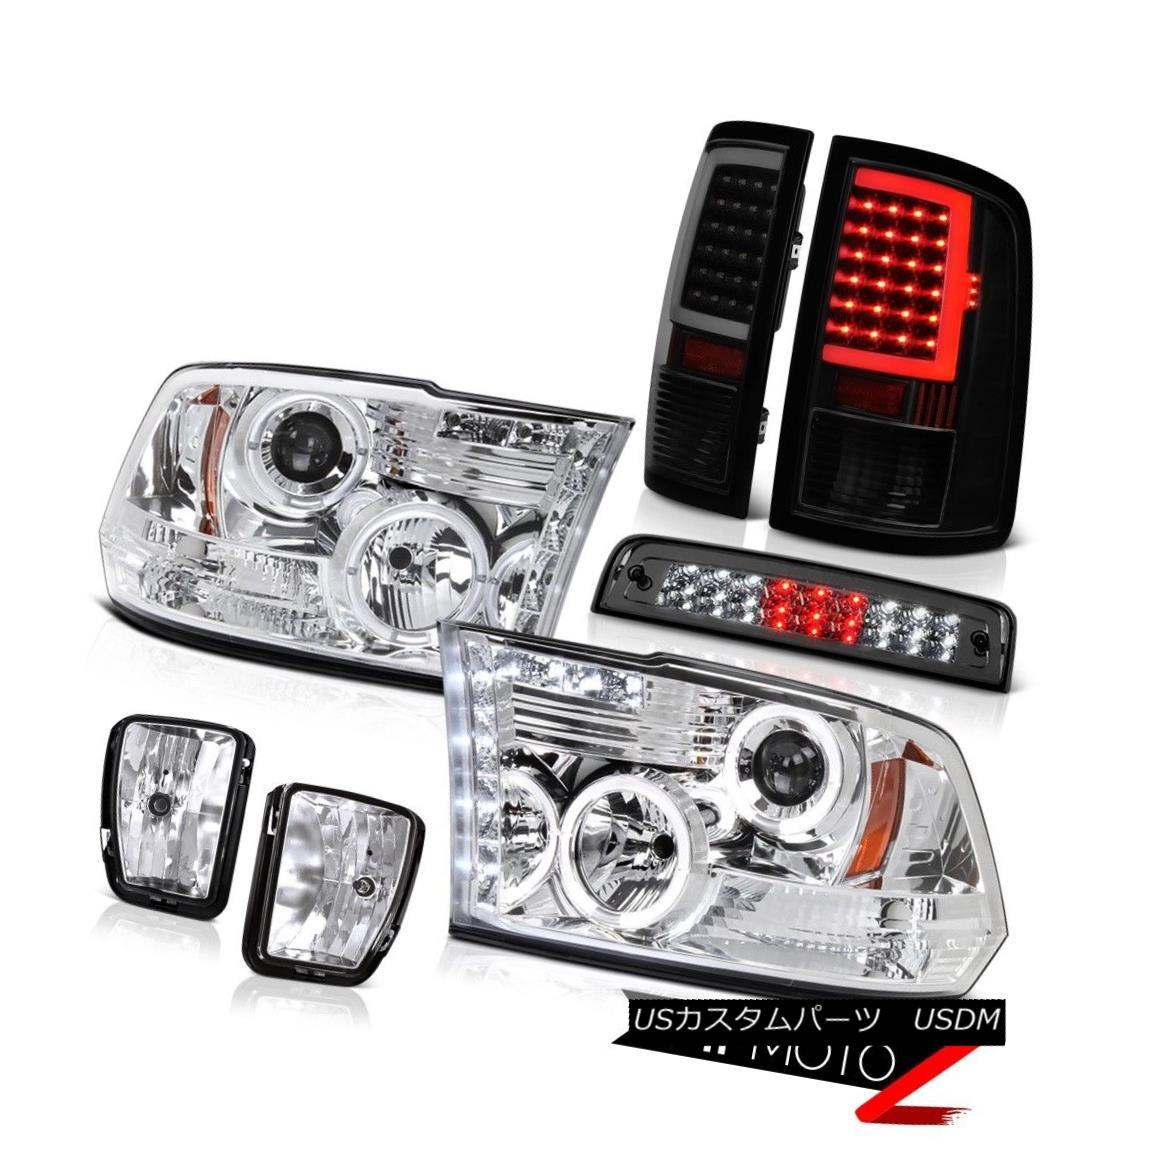 テールライト 13-18 RAM 1500 Smoke Tinted Tail Lamp Brake Light Driving Lamps Head SET PAIR 13-18 RAM 1500煙霧テールランプブレーキライト駆動ランプヘッドSET PAIR